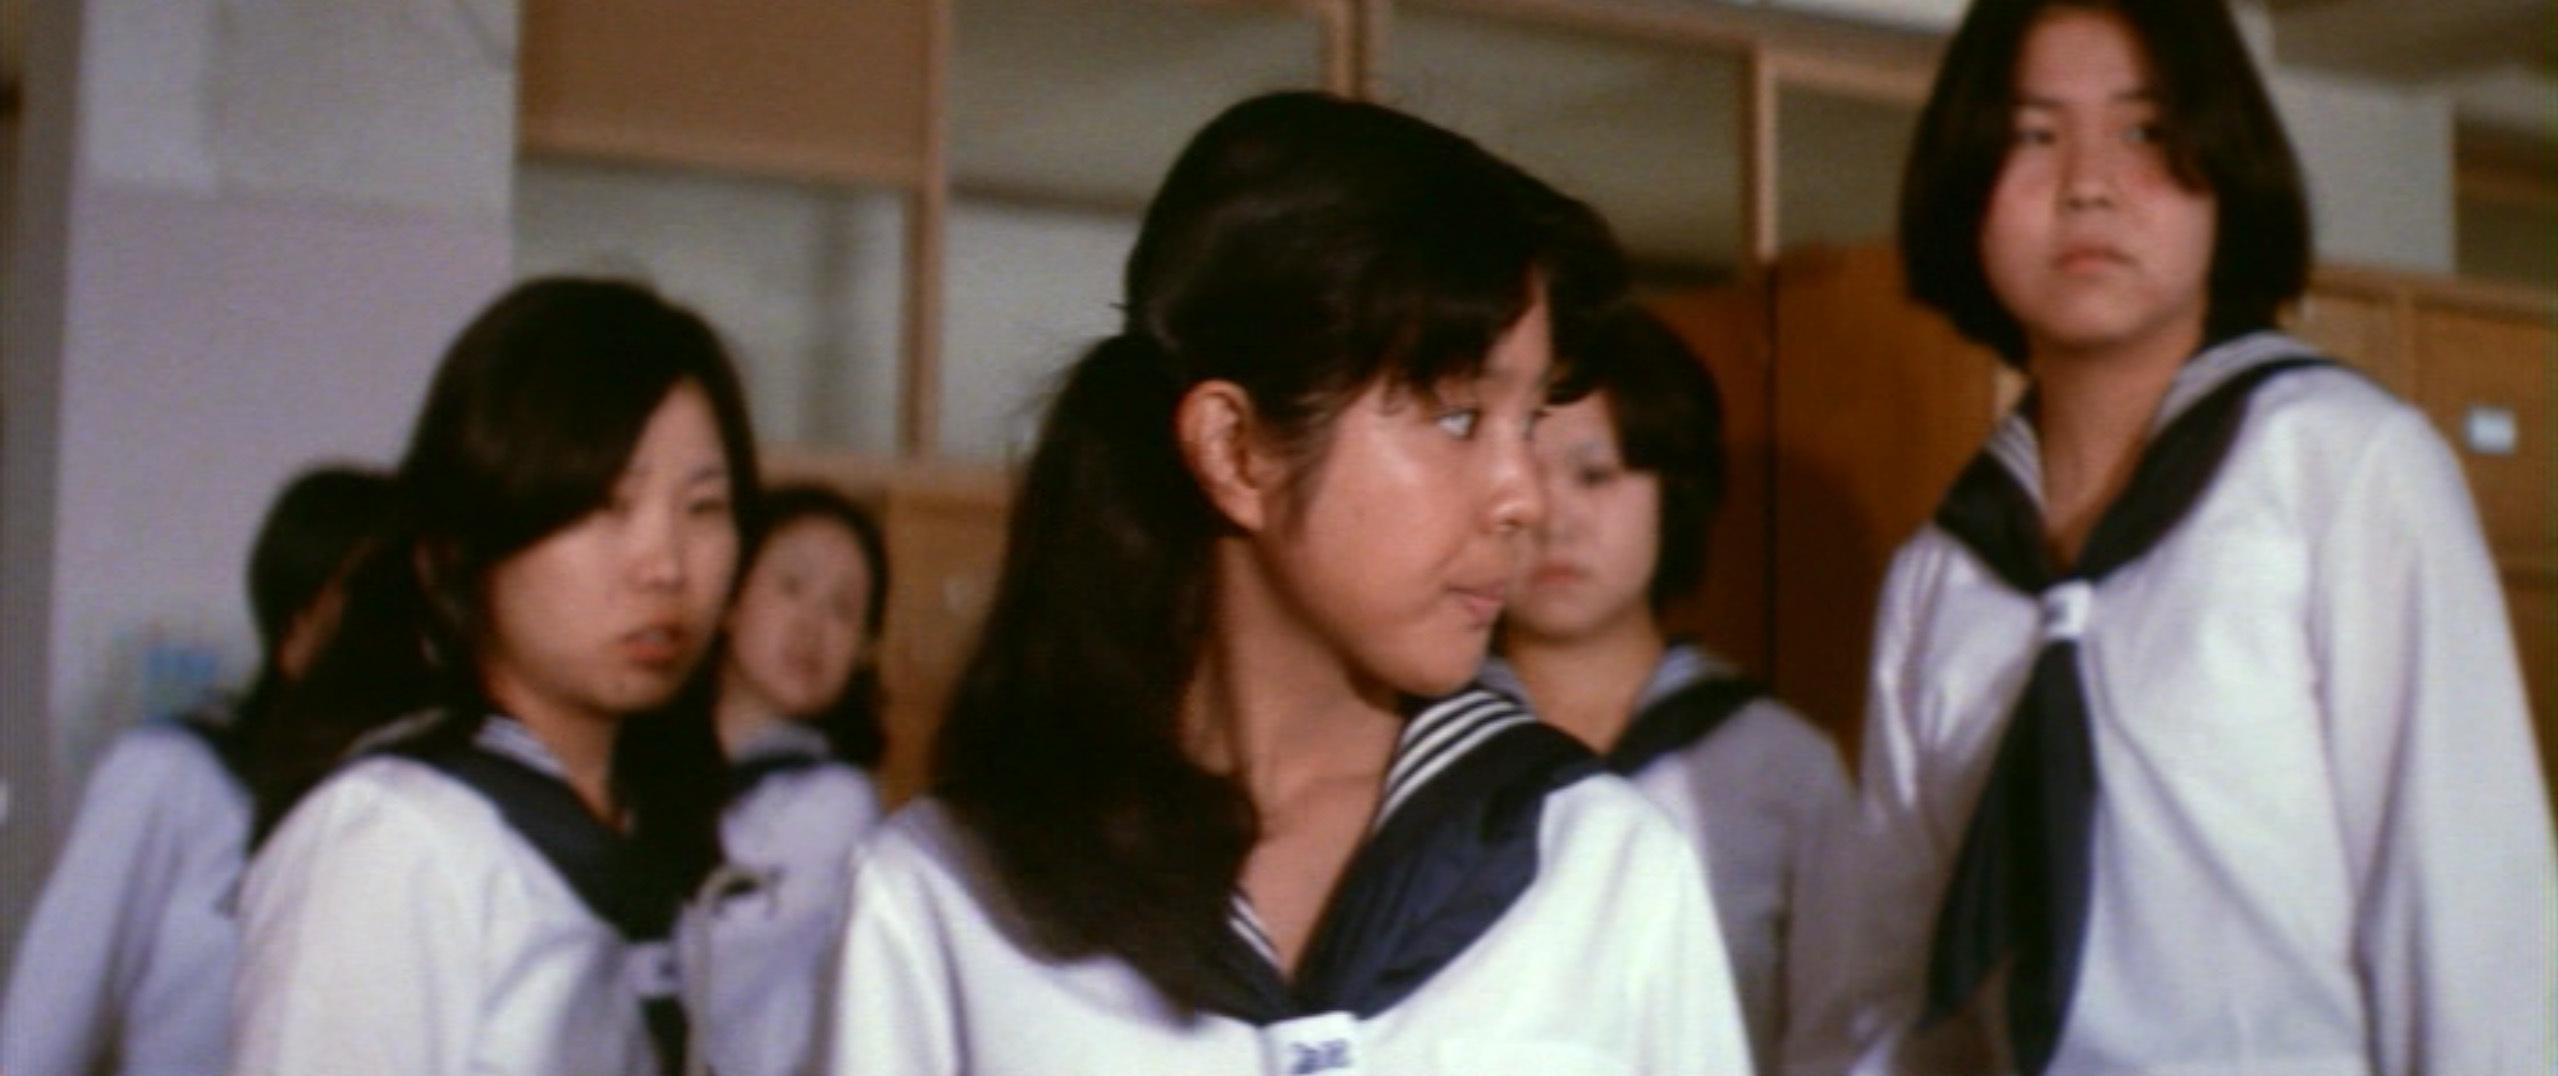 市毛良枝(Yoshie Ichige)「混血児リカ ハマぐれ子守唄」(1973)・・・《前半》_e0042361_20460816.jpg